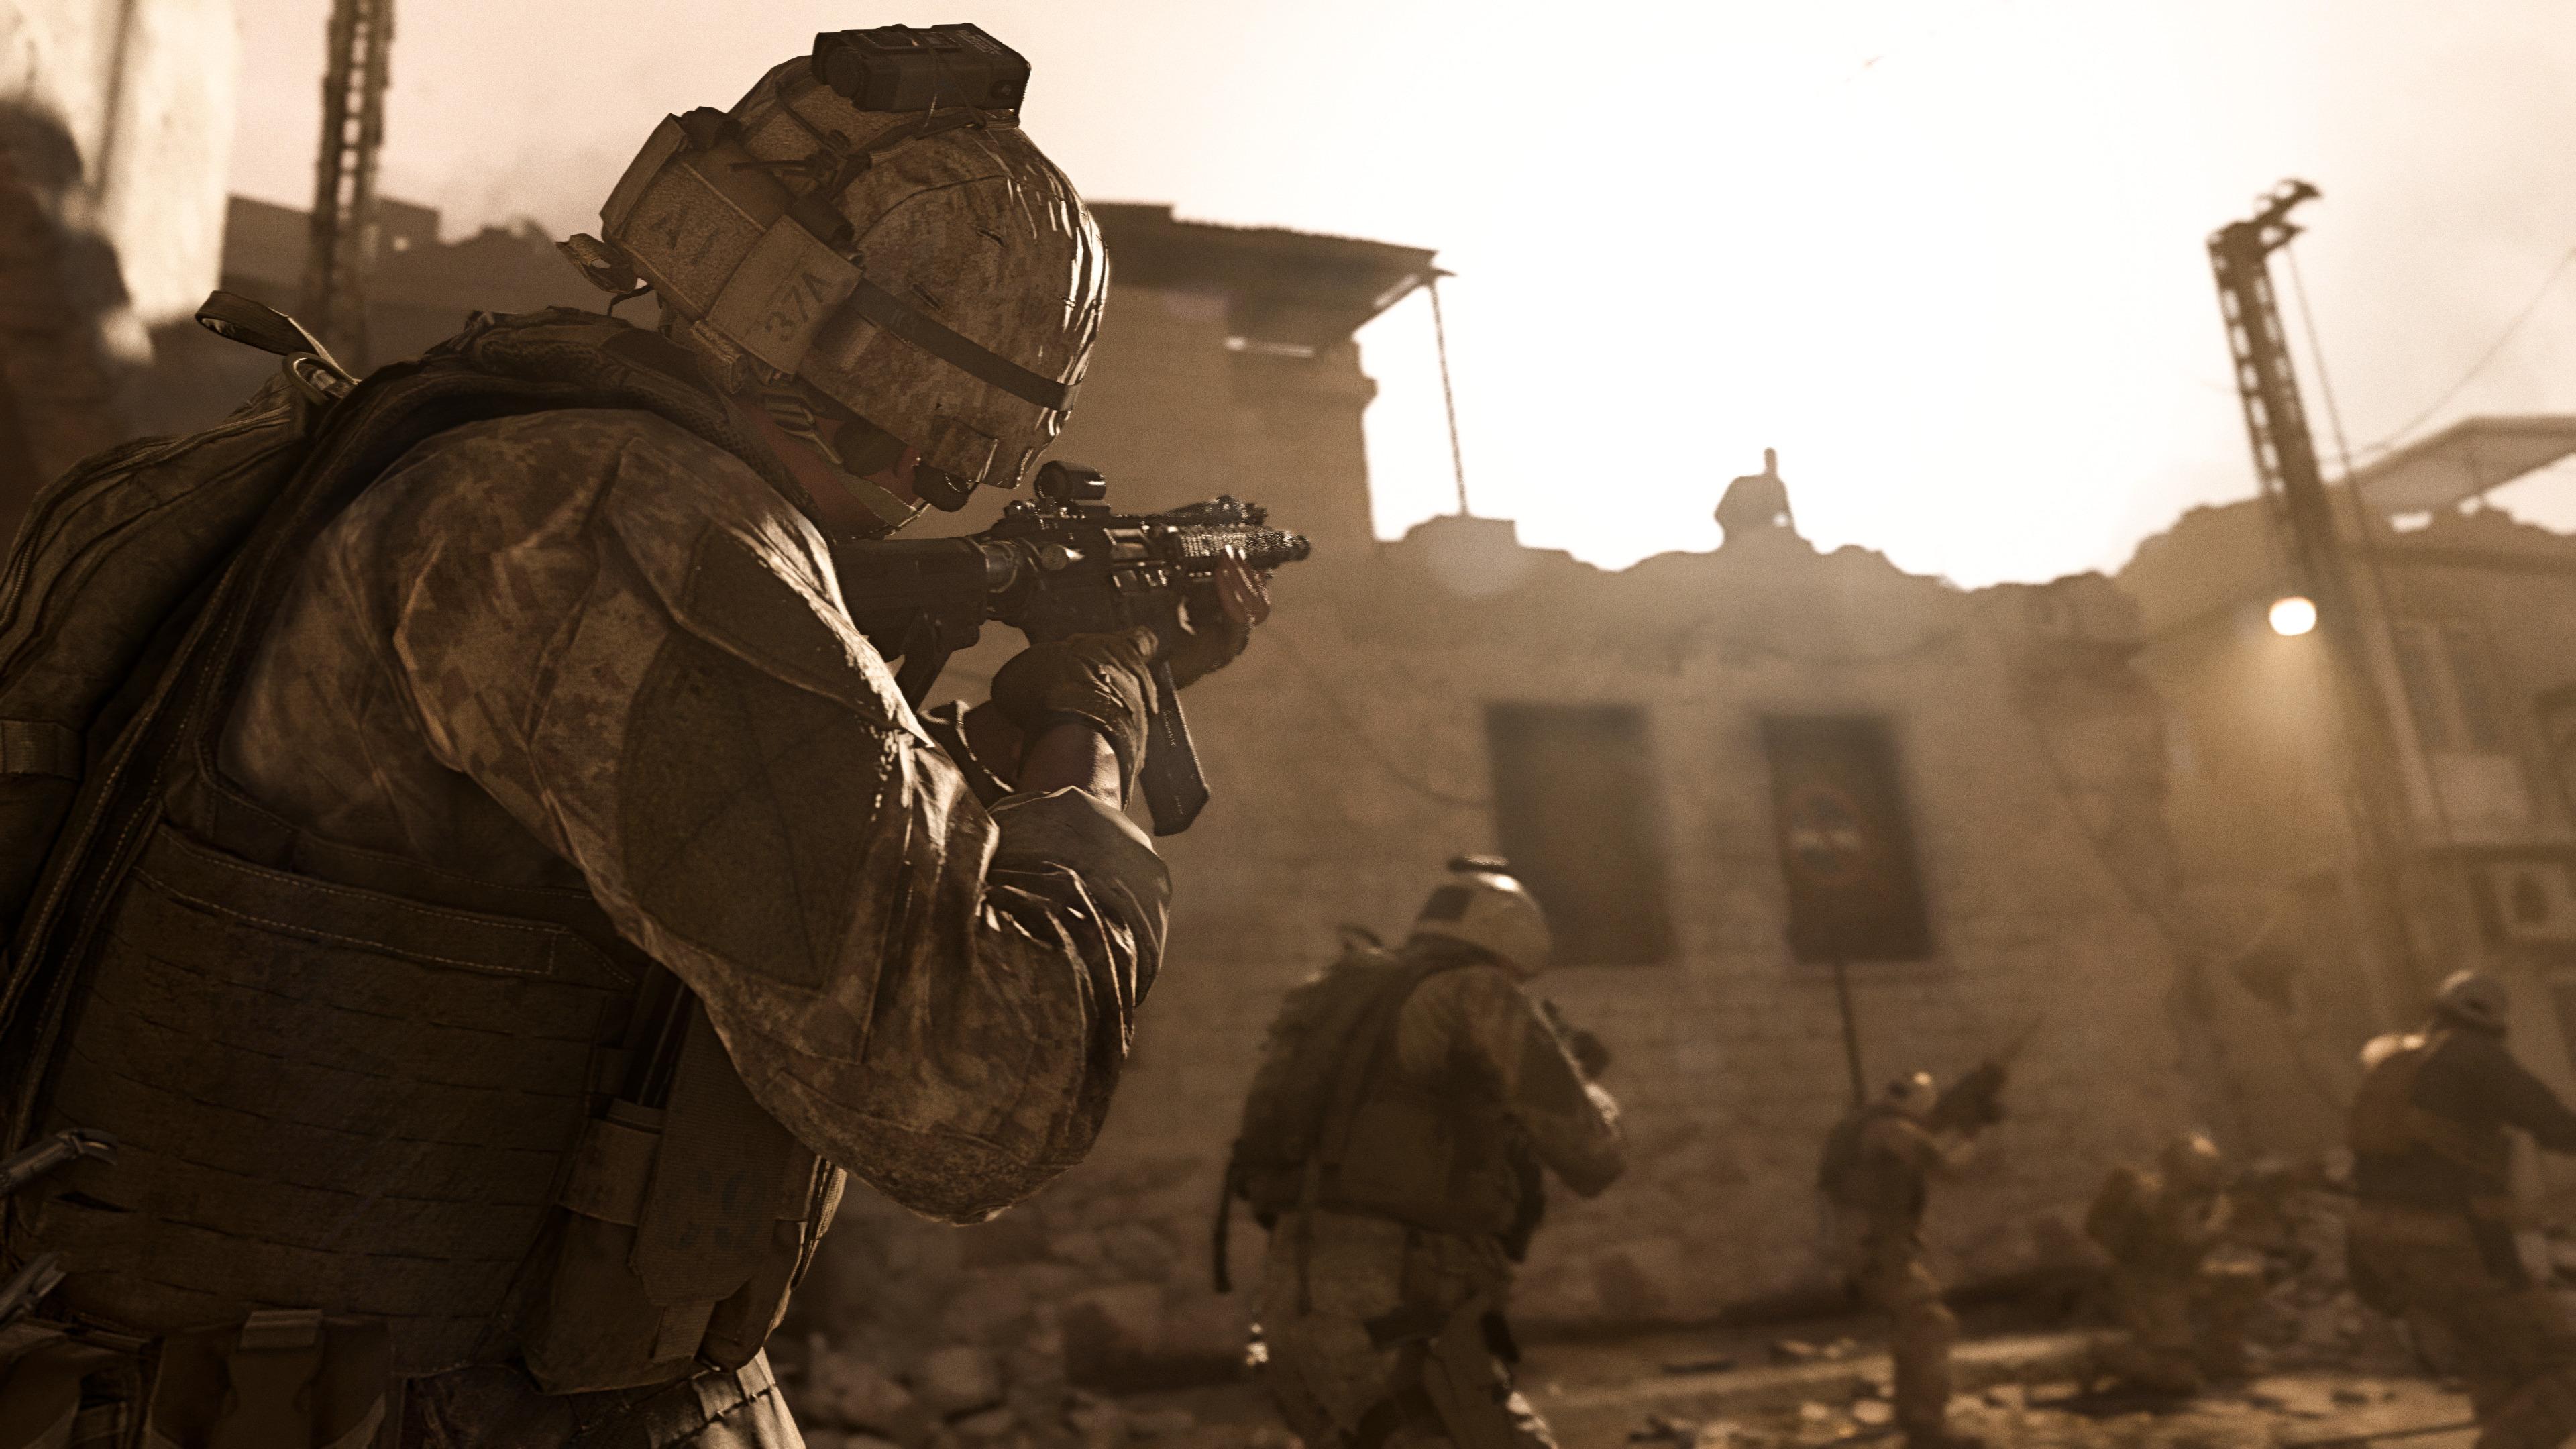 call of duty modern warfare wallpaper 4k